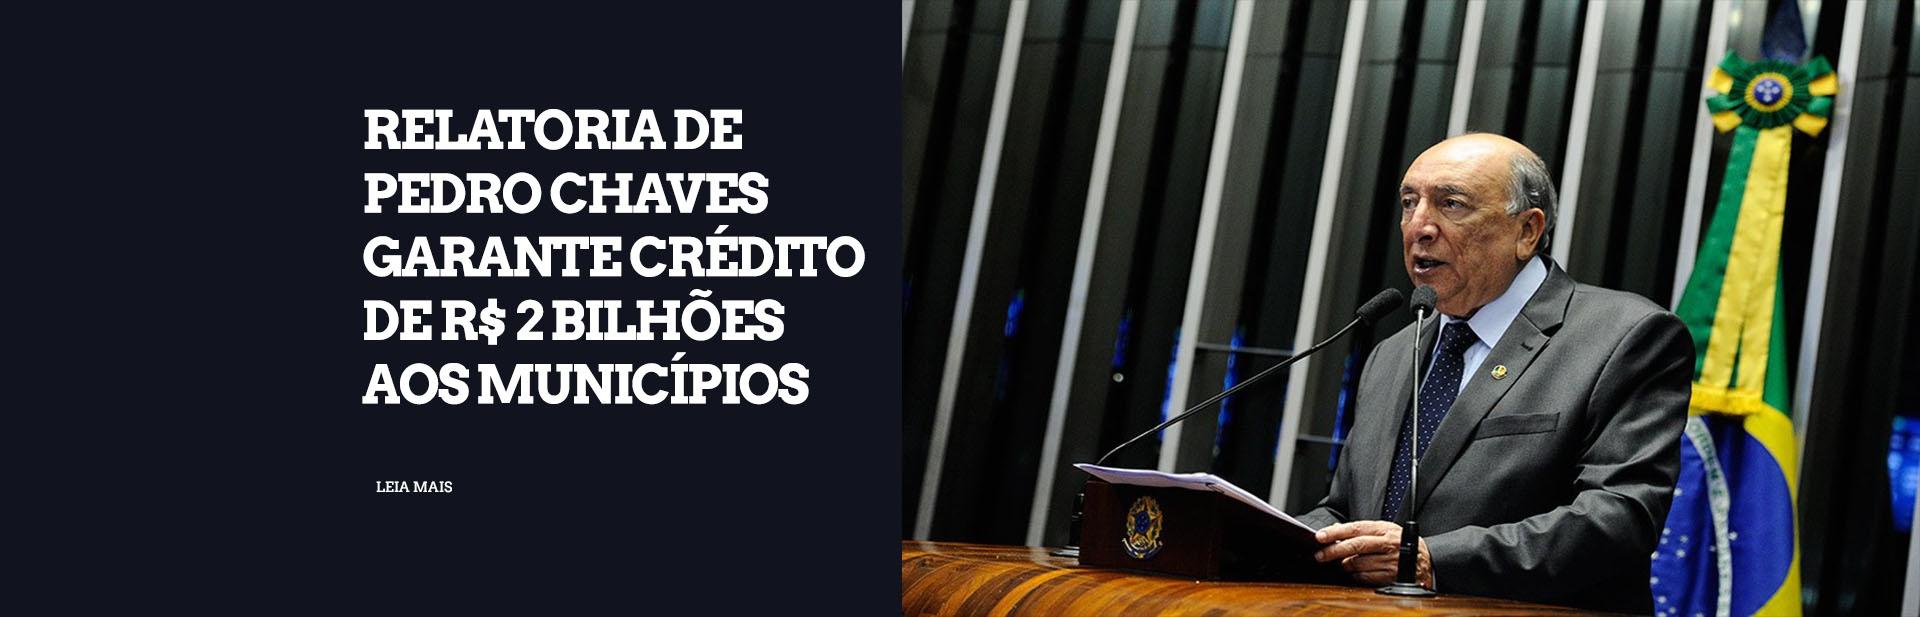 Relatoria de Pedro Chaves garante crédito de R$ 2 bilhões aos municípios